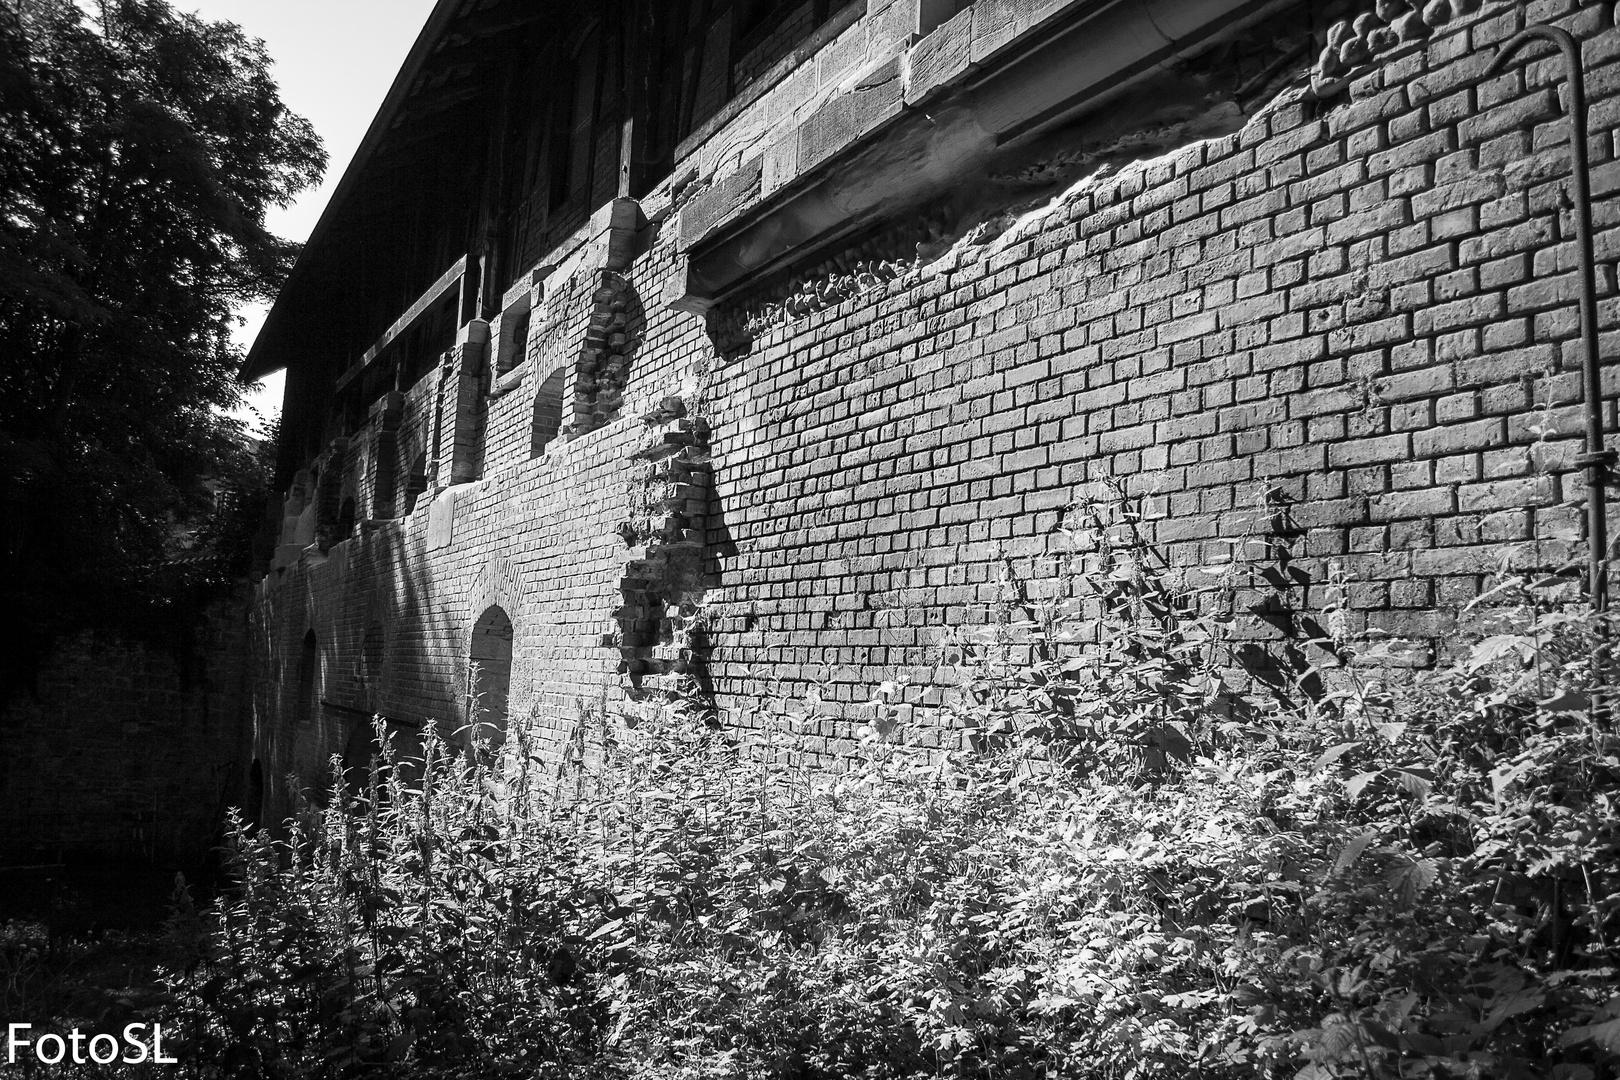 backstein haus schwarz wei foto abrissgeb ude foto bild architektur baustellen building. Black Bedroom Furniture Sets. Home Design Ideas